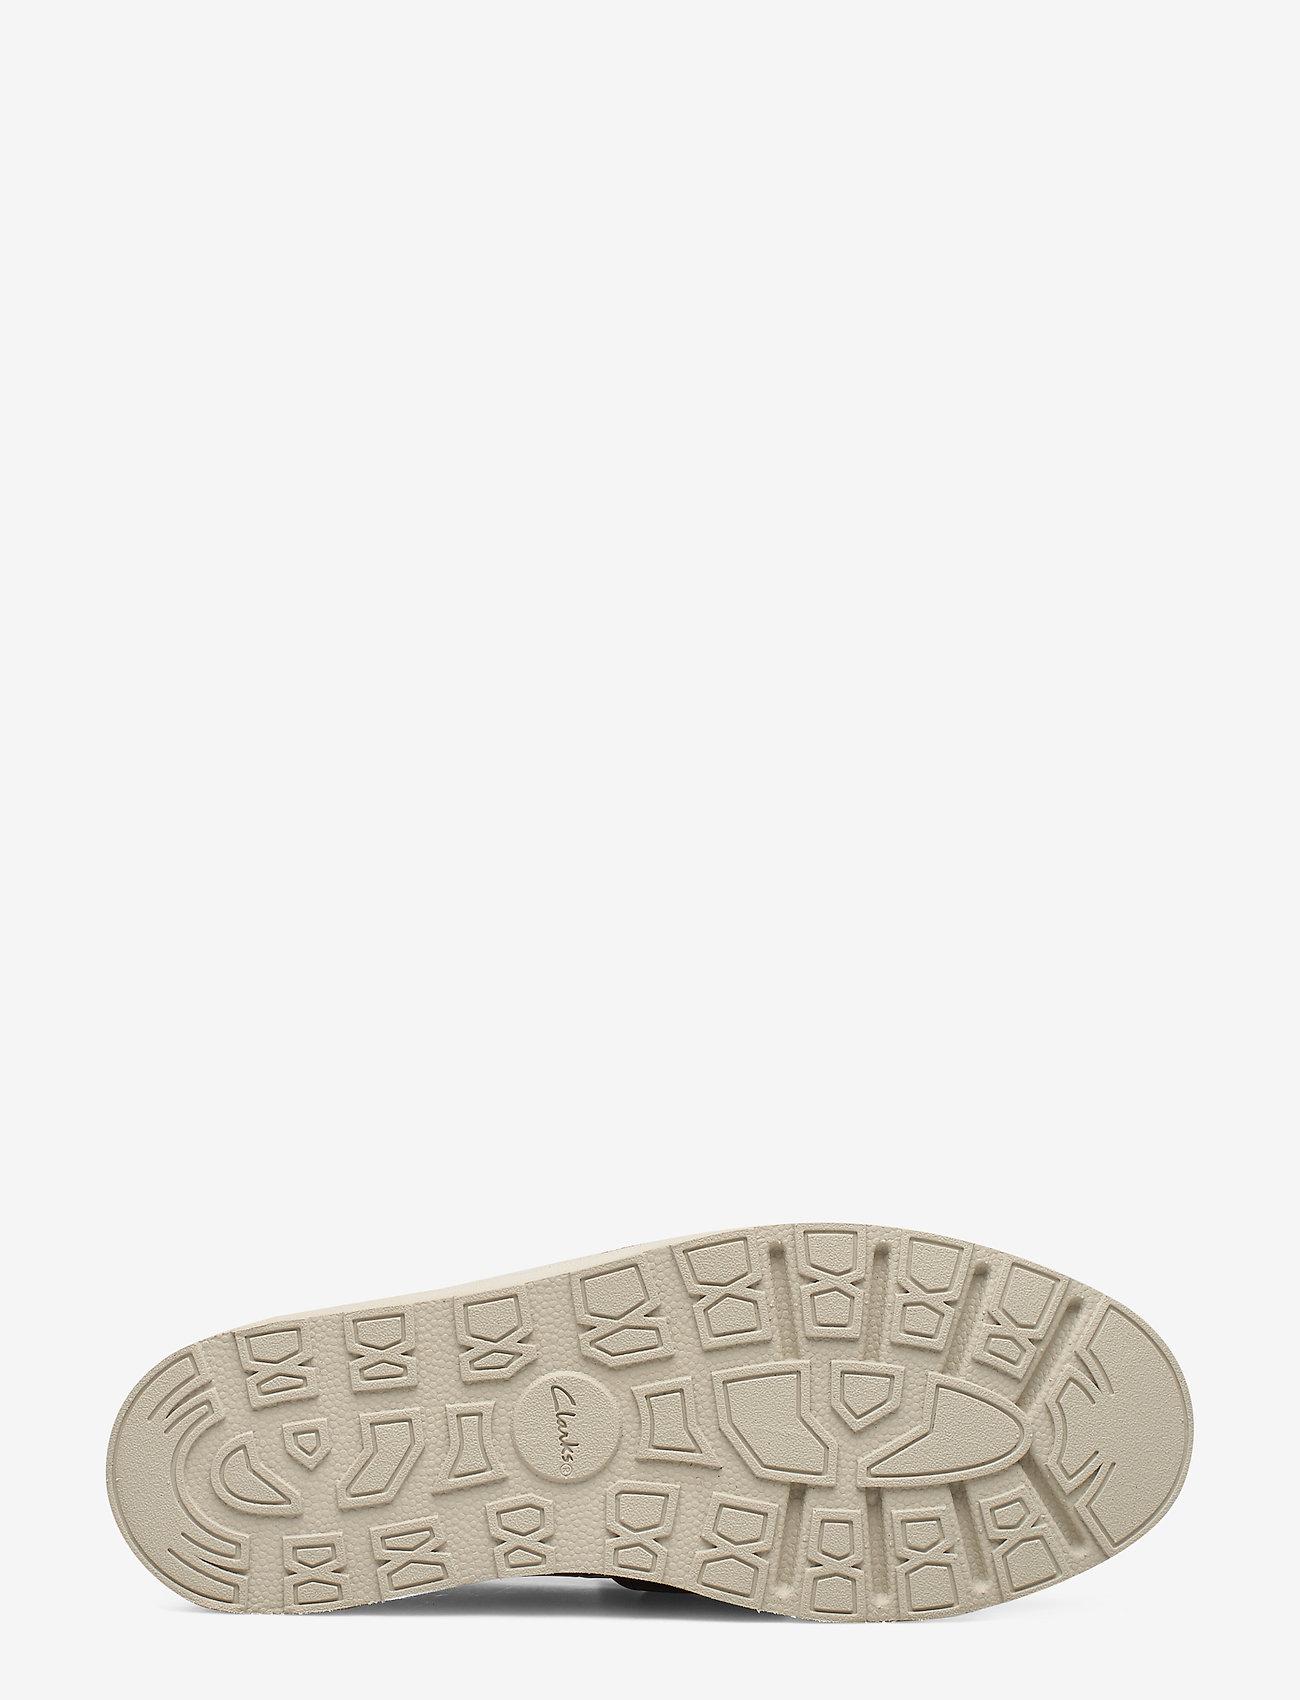 Trace Tassel (Black Croc) - Clarks